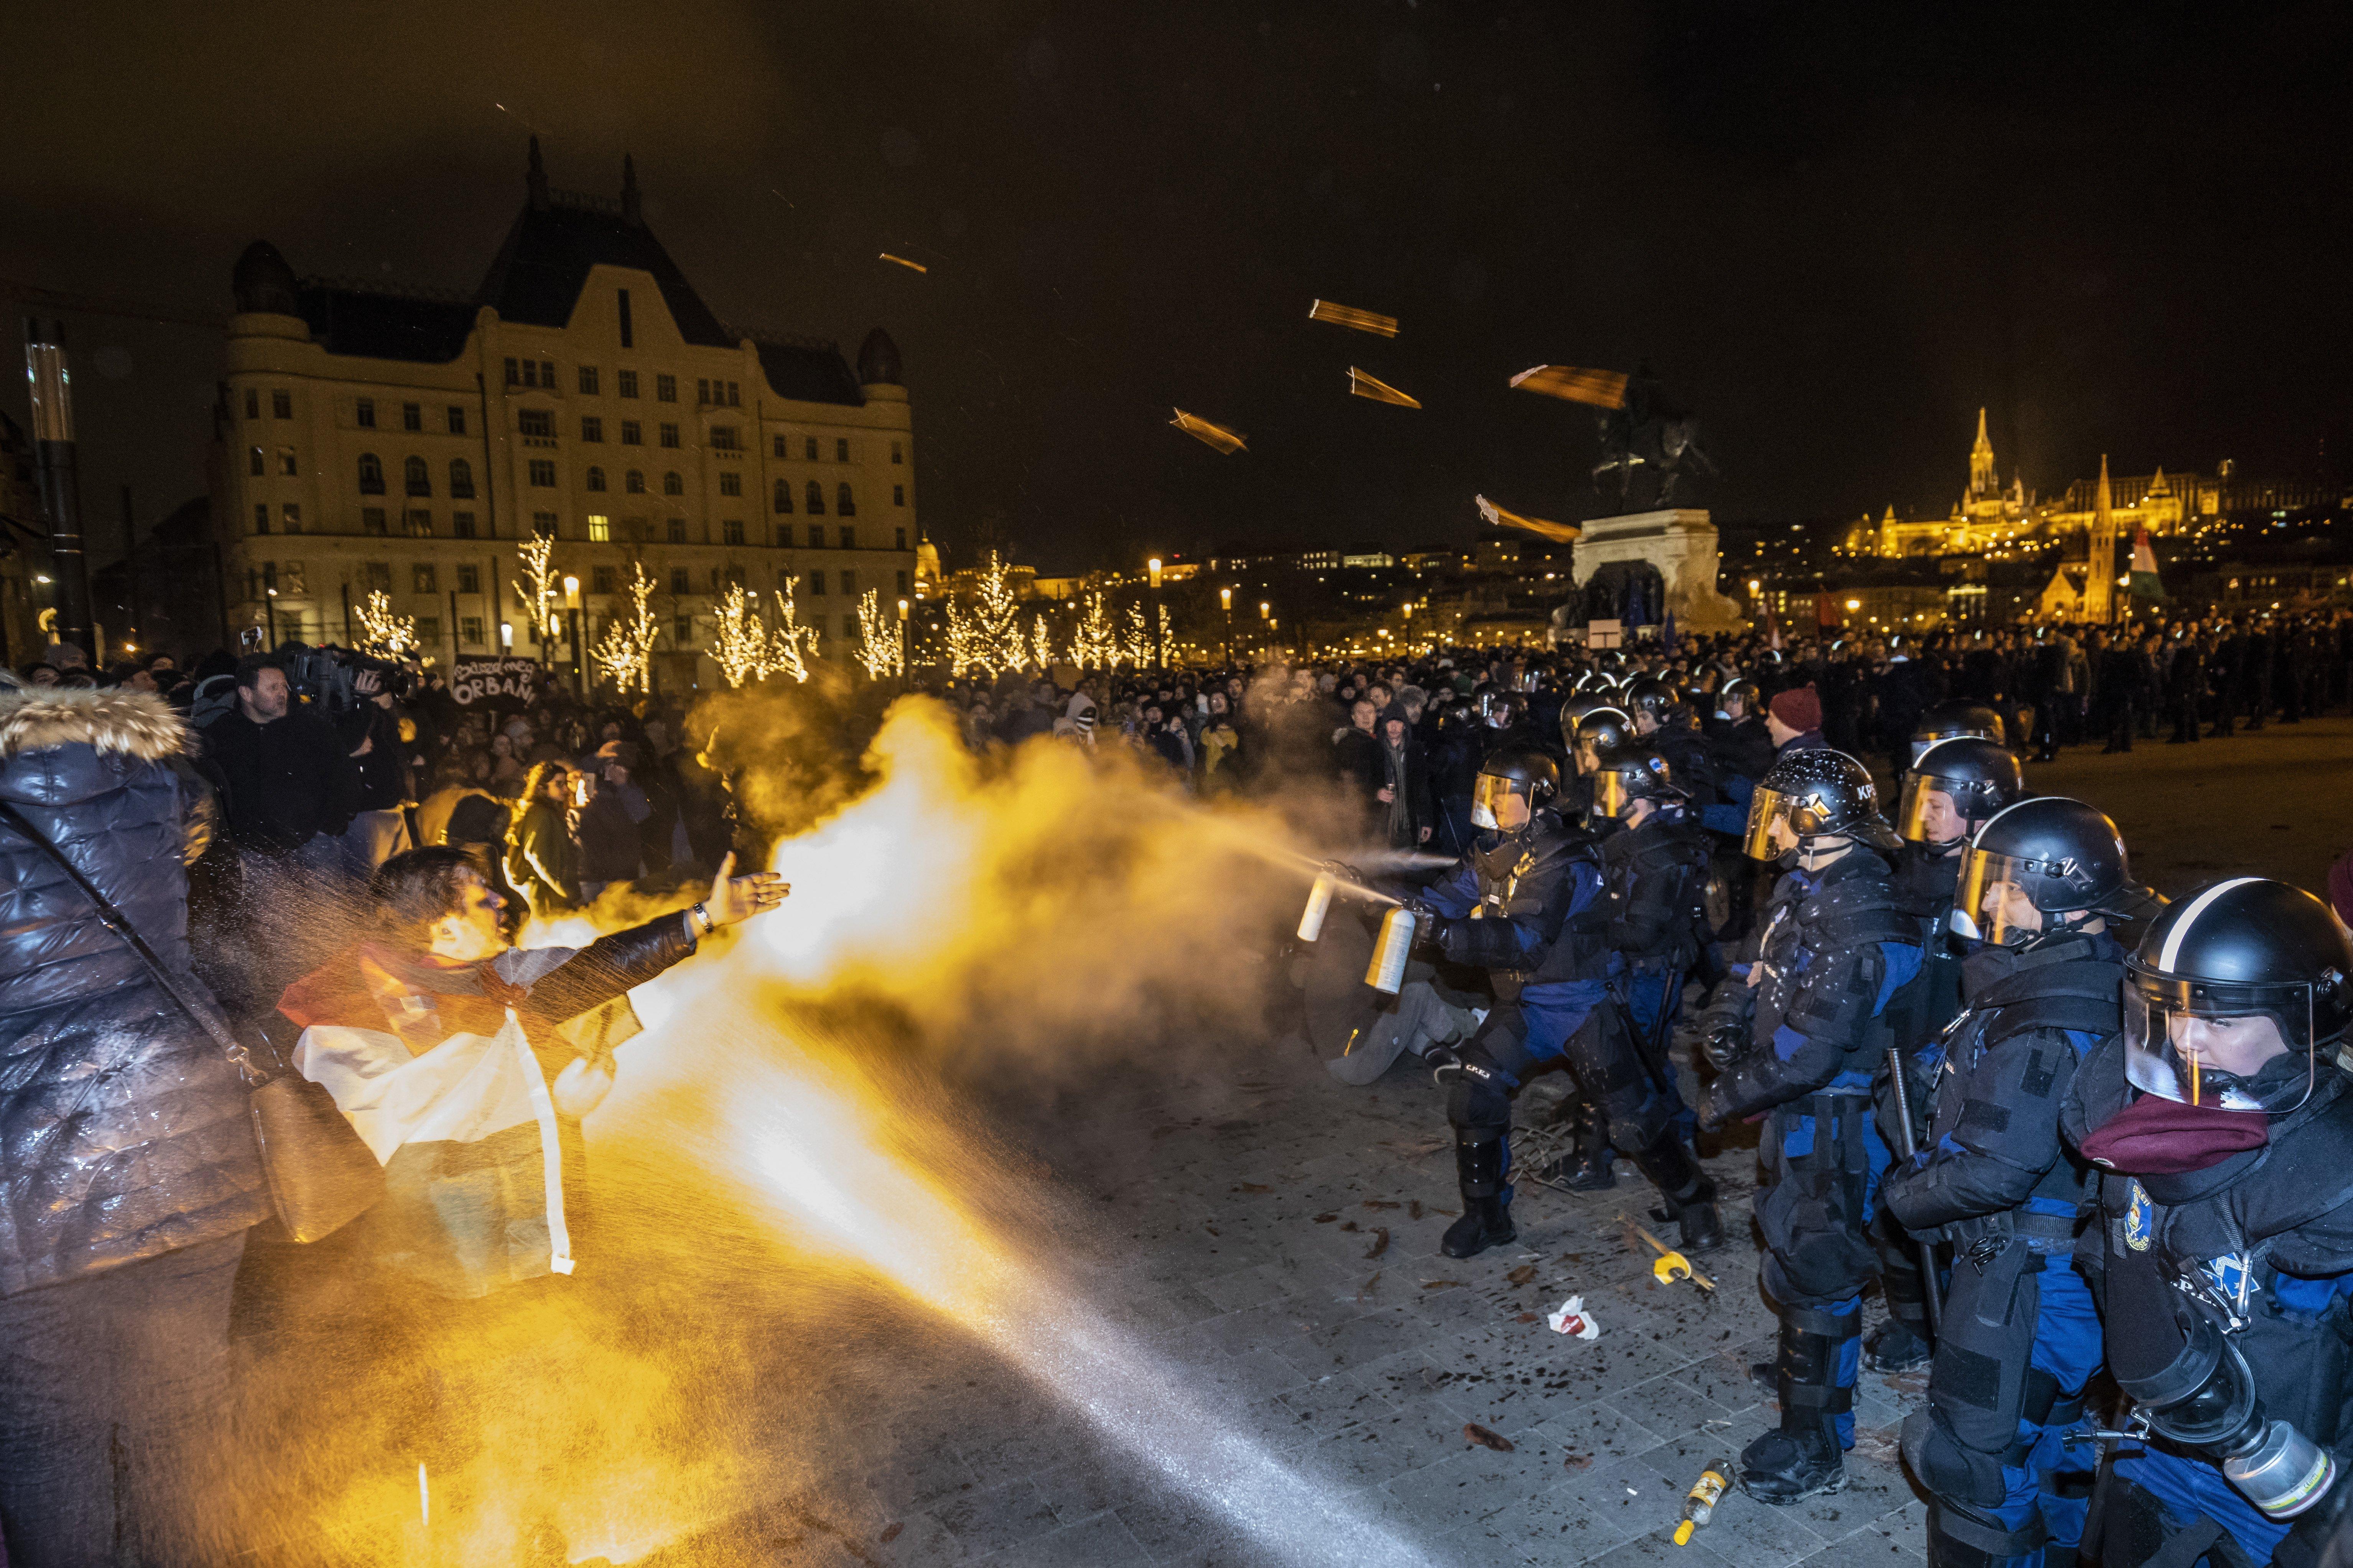 Parlamenti botránytól könnygázig – december 12. képekben